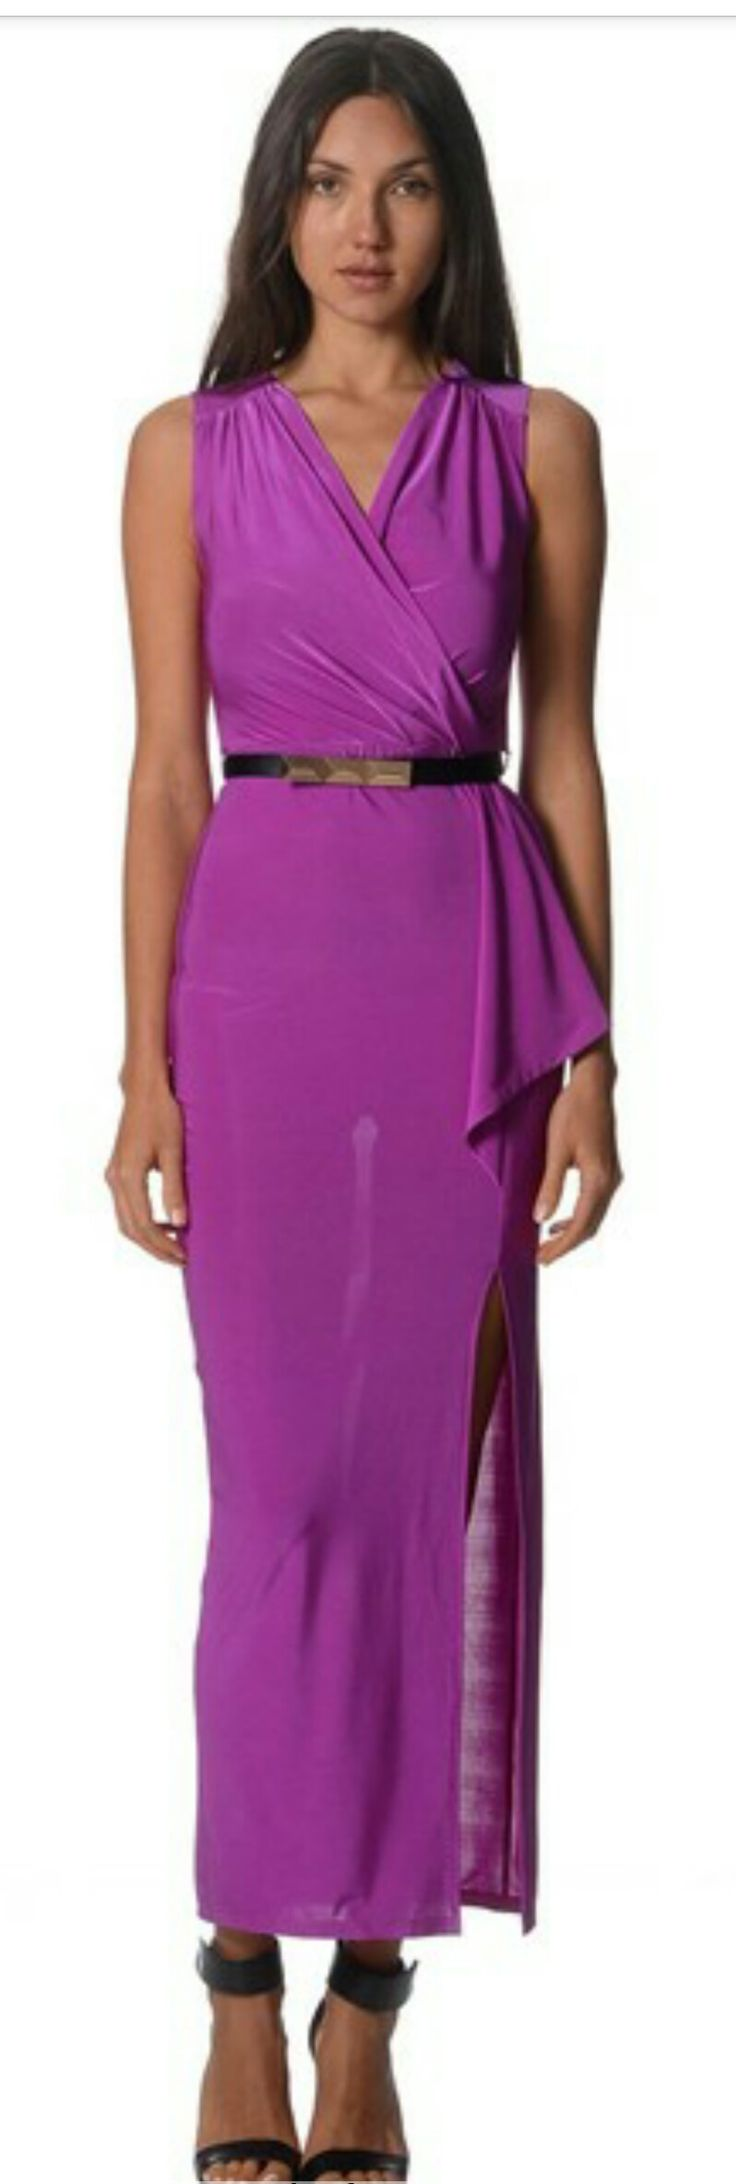 Fantástico Vestidos De Dama Diseñador Australiano Regalo - Vestido ...